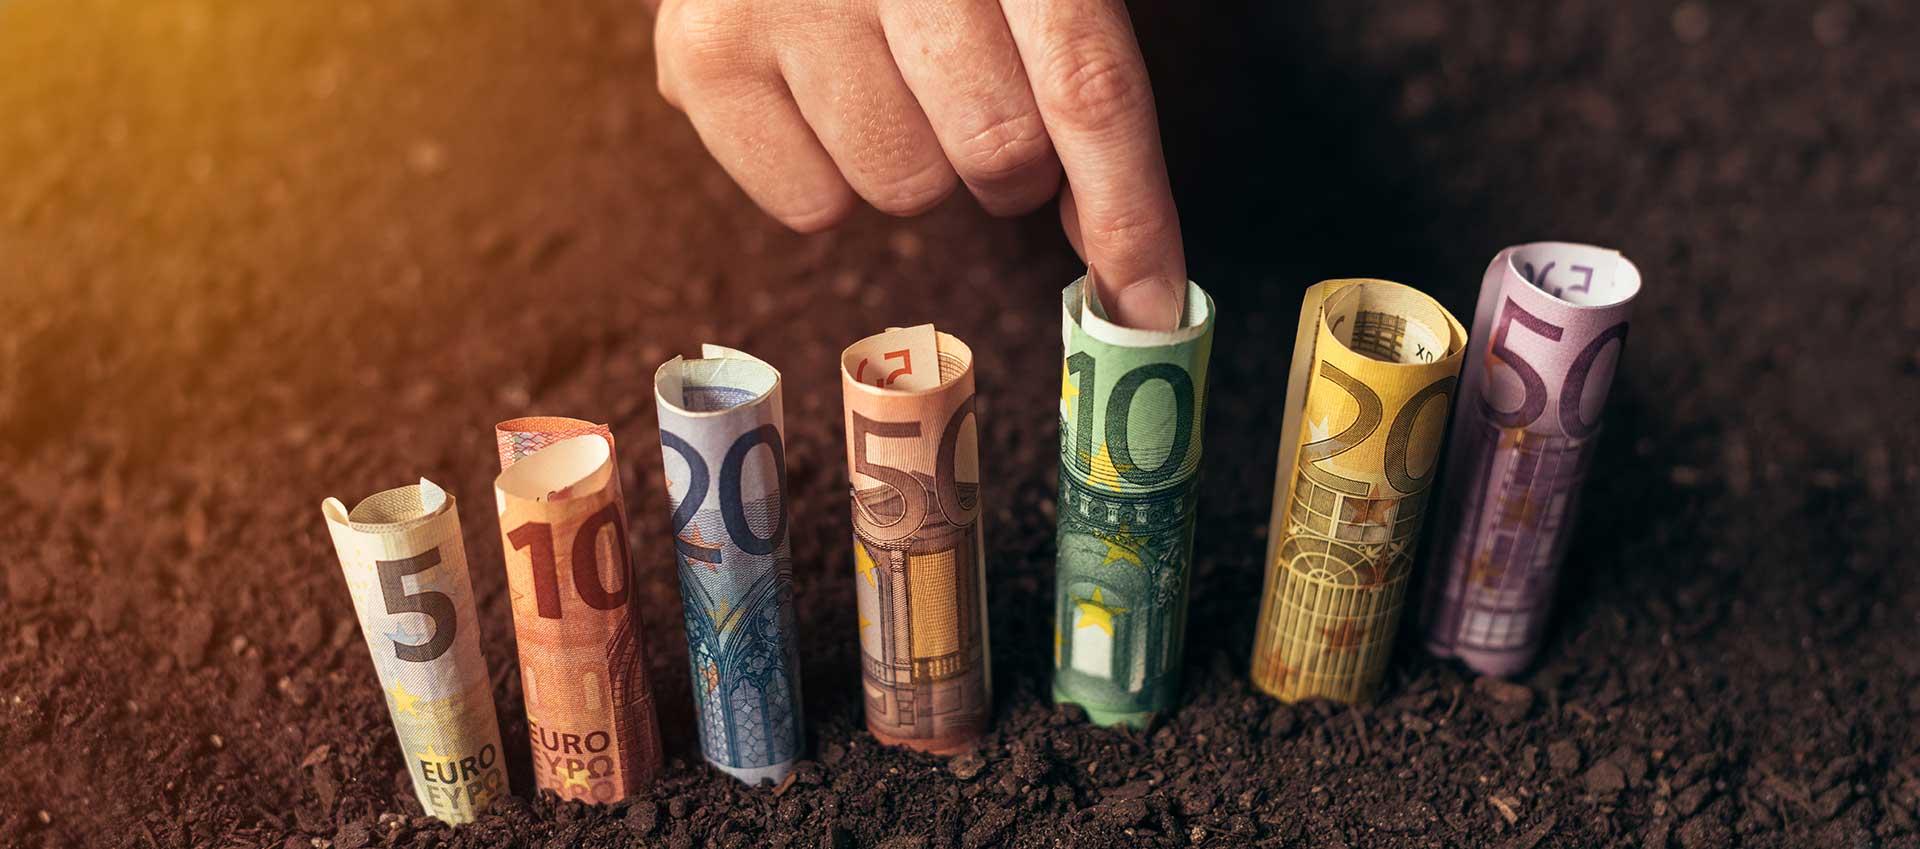 blog_header_Geld-und-Finanzen_Damian-Richter